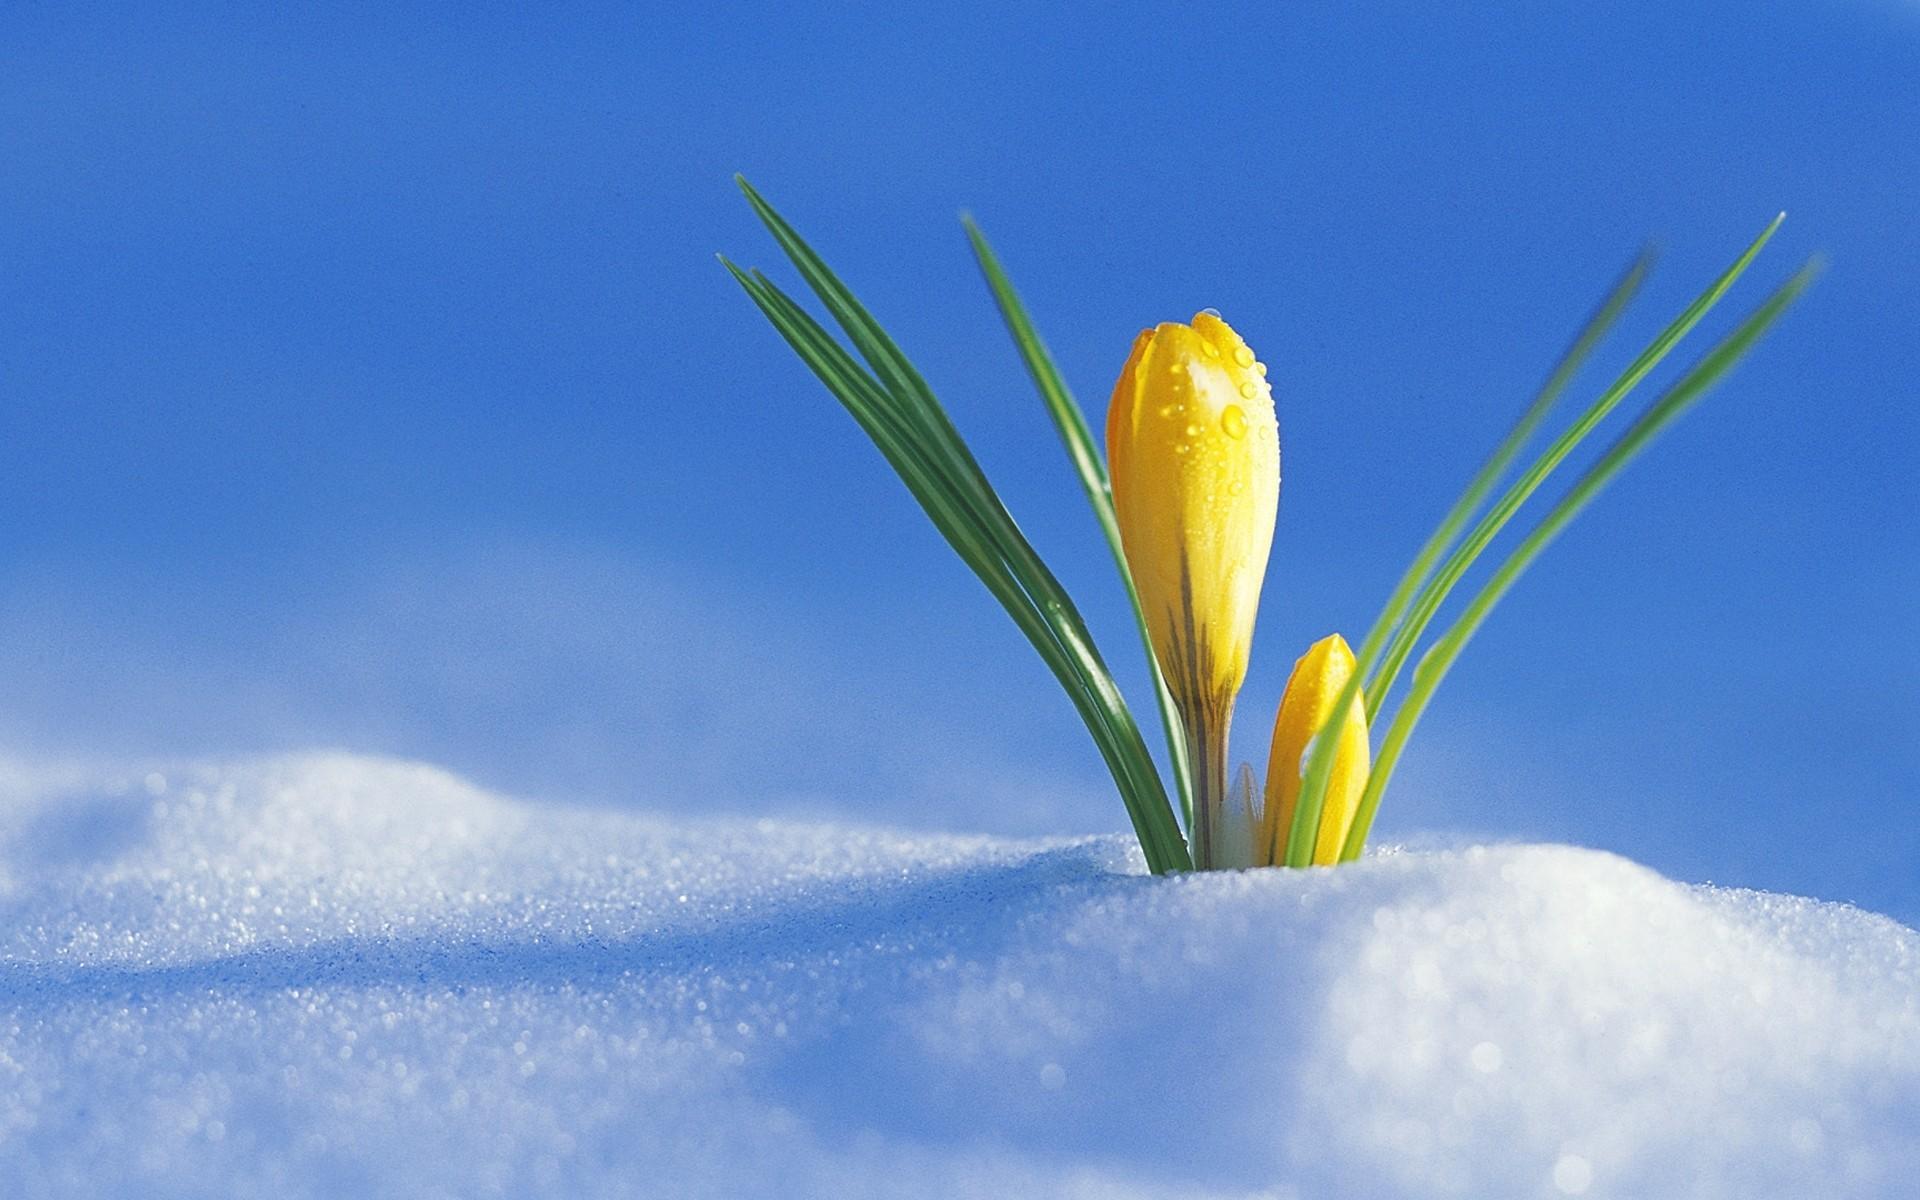 На вихідних на Київщину повернеться зима: в Україну забіжить арктичне повітря - прогноз погоди на вихідні, погода на вихідні - 21 pogoda3